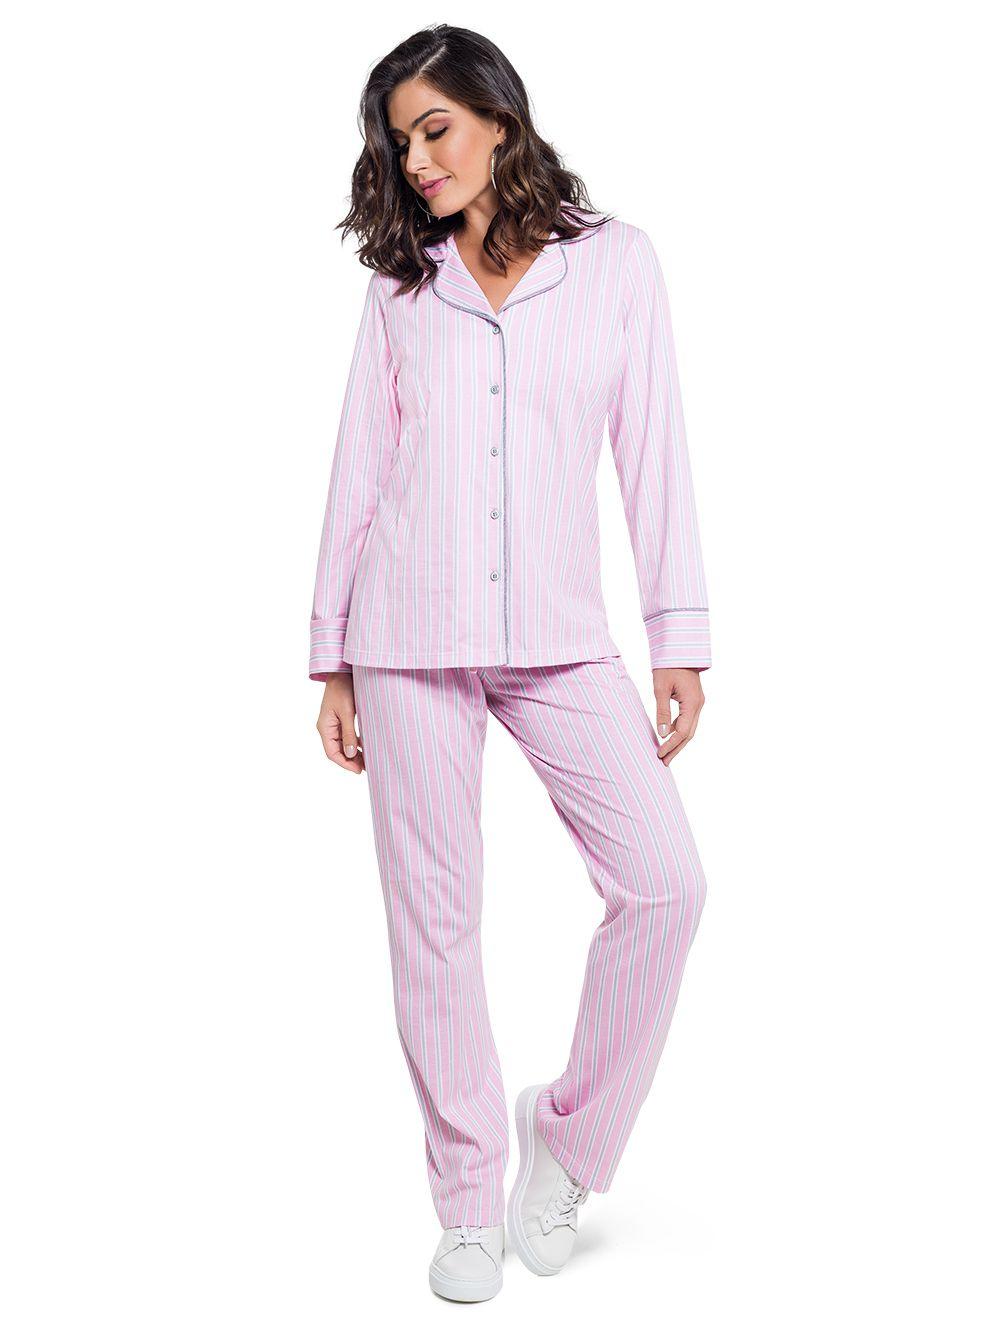 Pijama feminino botão inverno clássico amamentação listrado